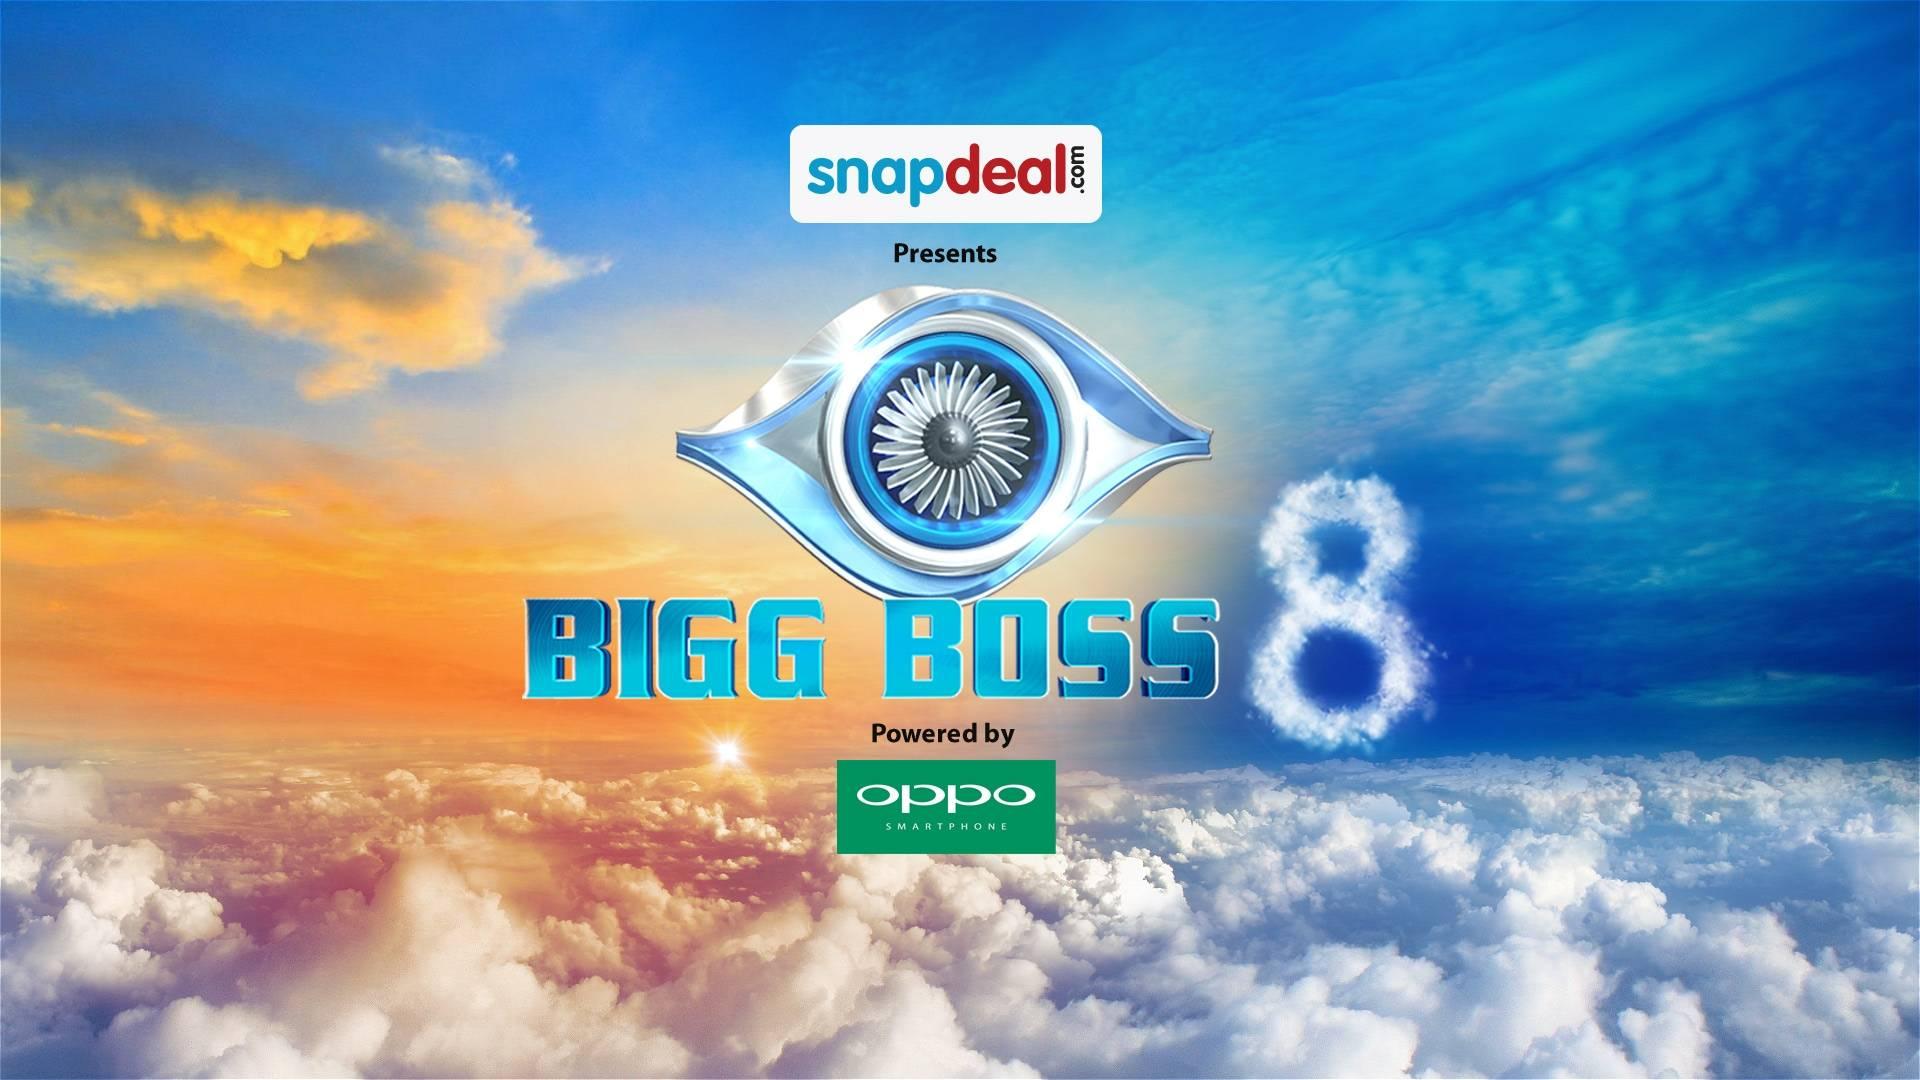 Top five finalists of Bigg Boss 8